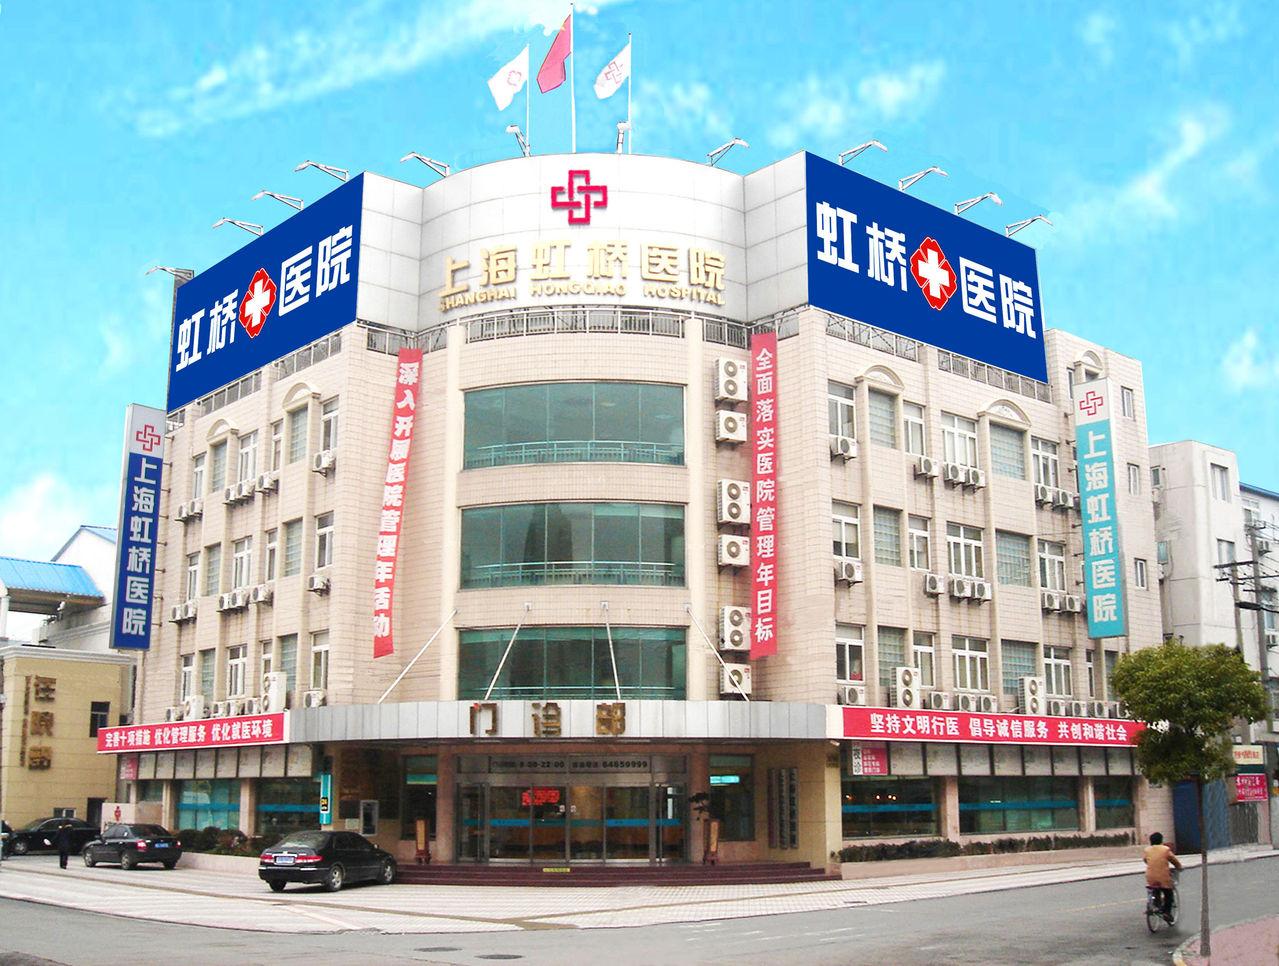 上海虹桥胎记医院